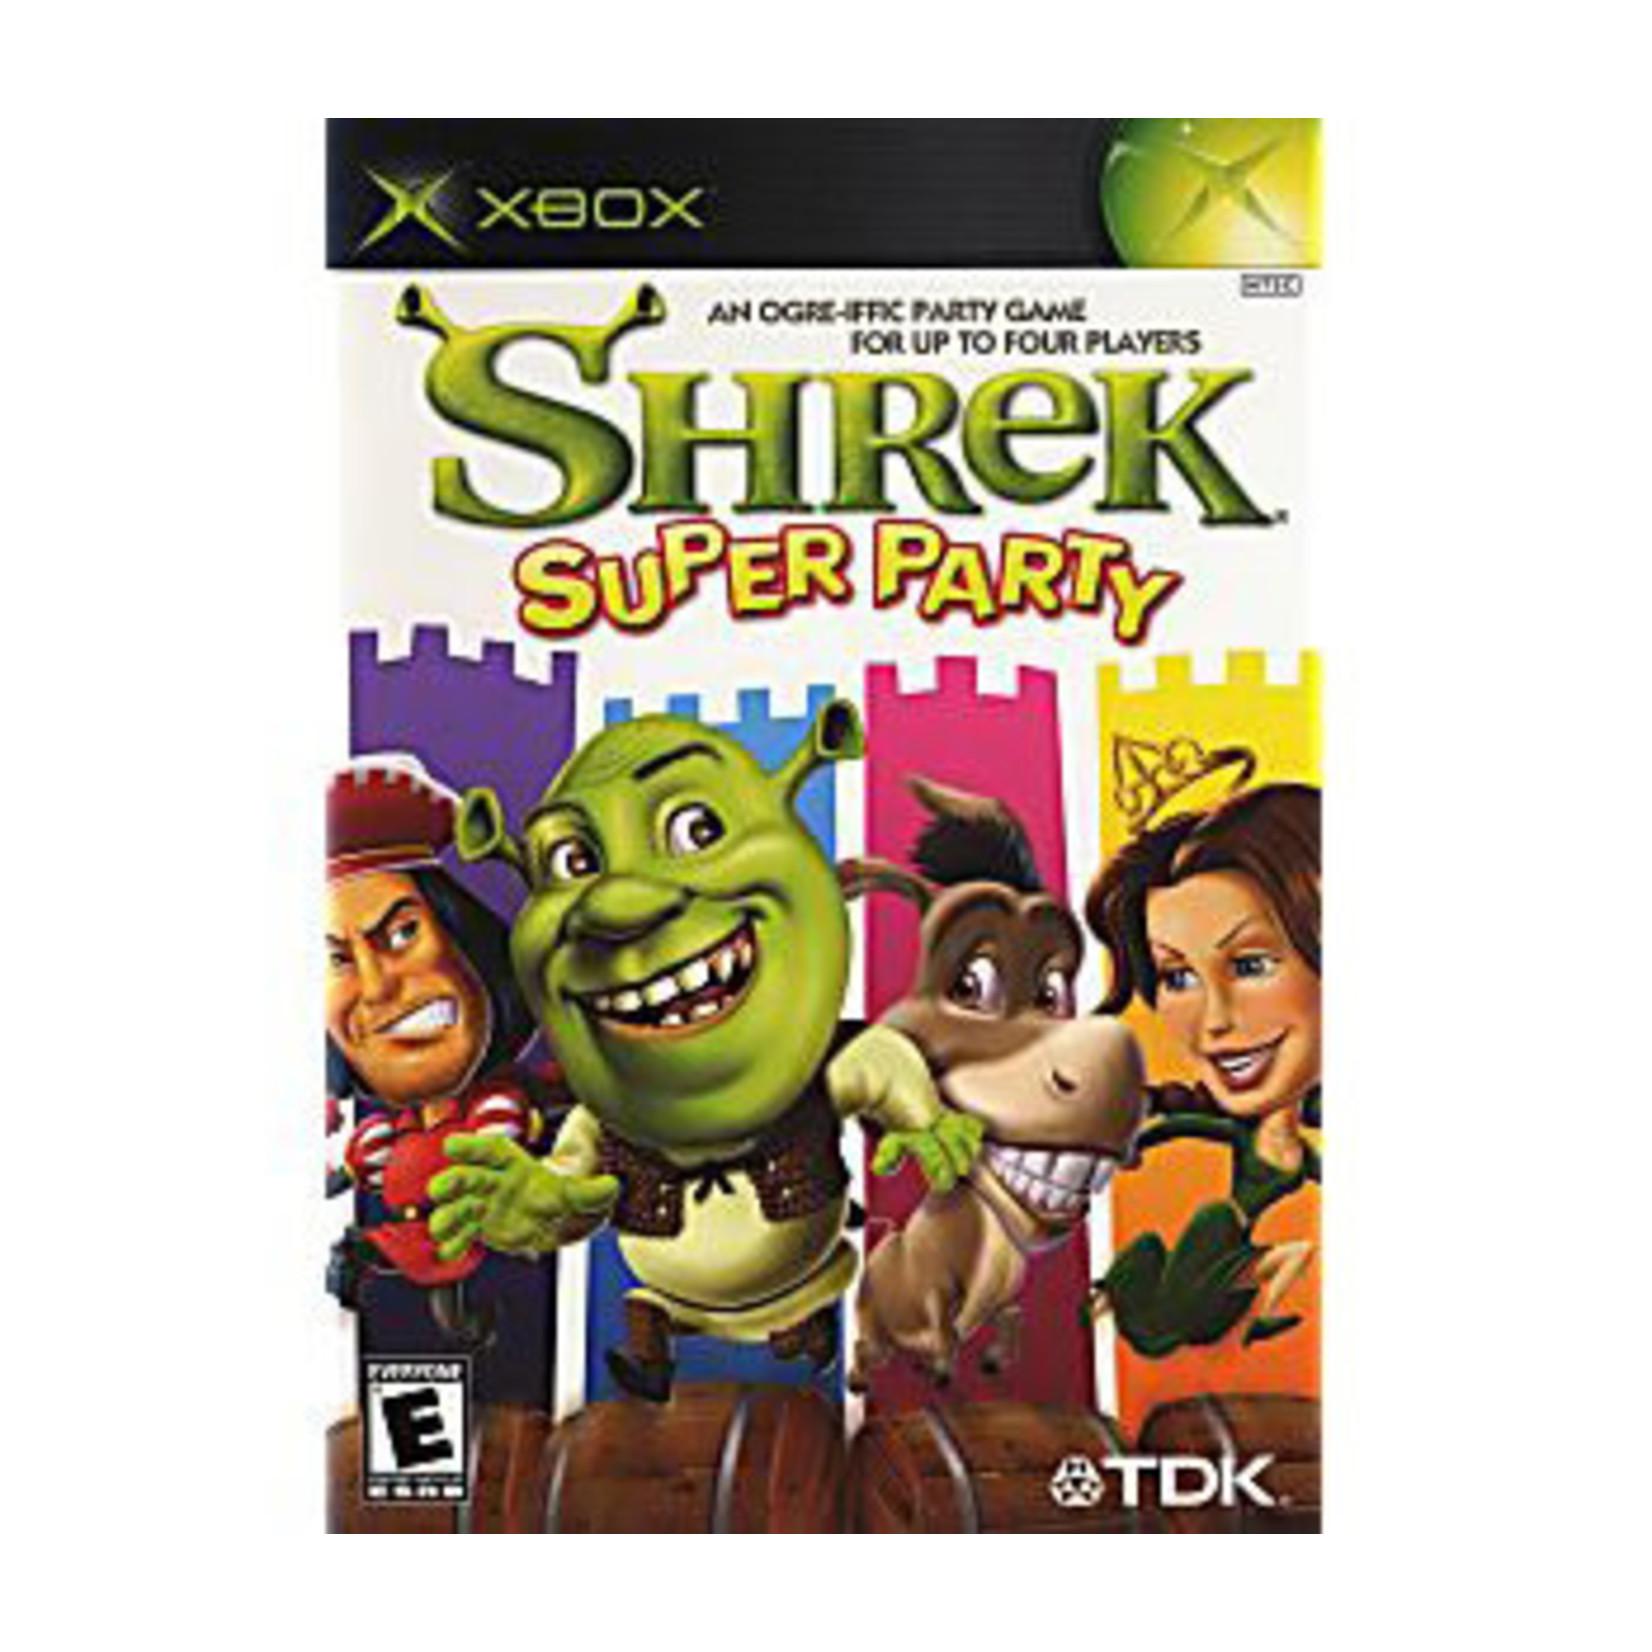 XBU-Shrek Super Party